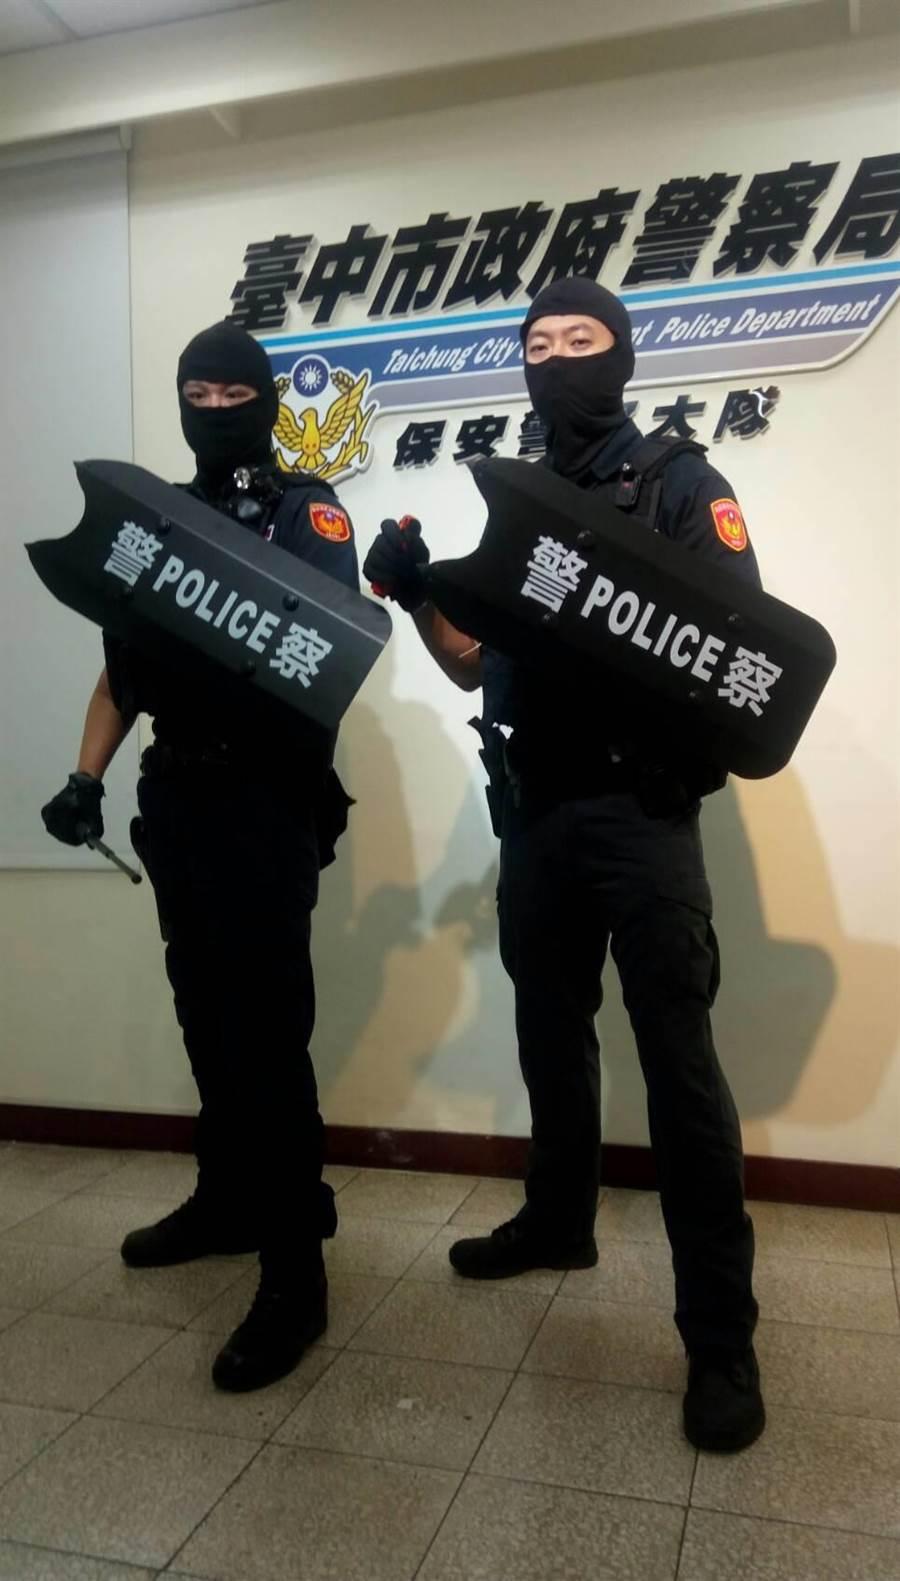 警界開始流行「防暴臂盾」,可放置於巡邏車、值班台、列車裡,強硬的鋼板有防刀砍、防打及破窗等功能。(張妍溱翻攝)